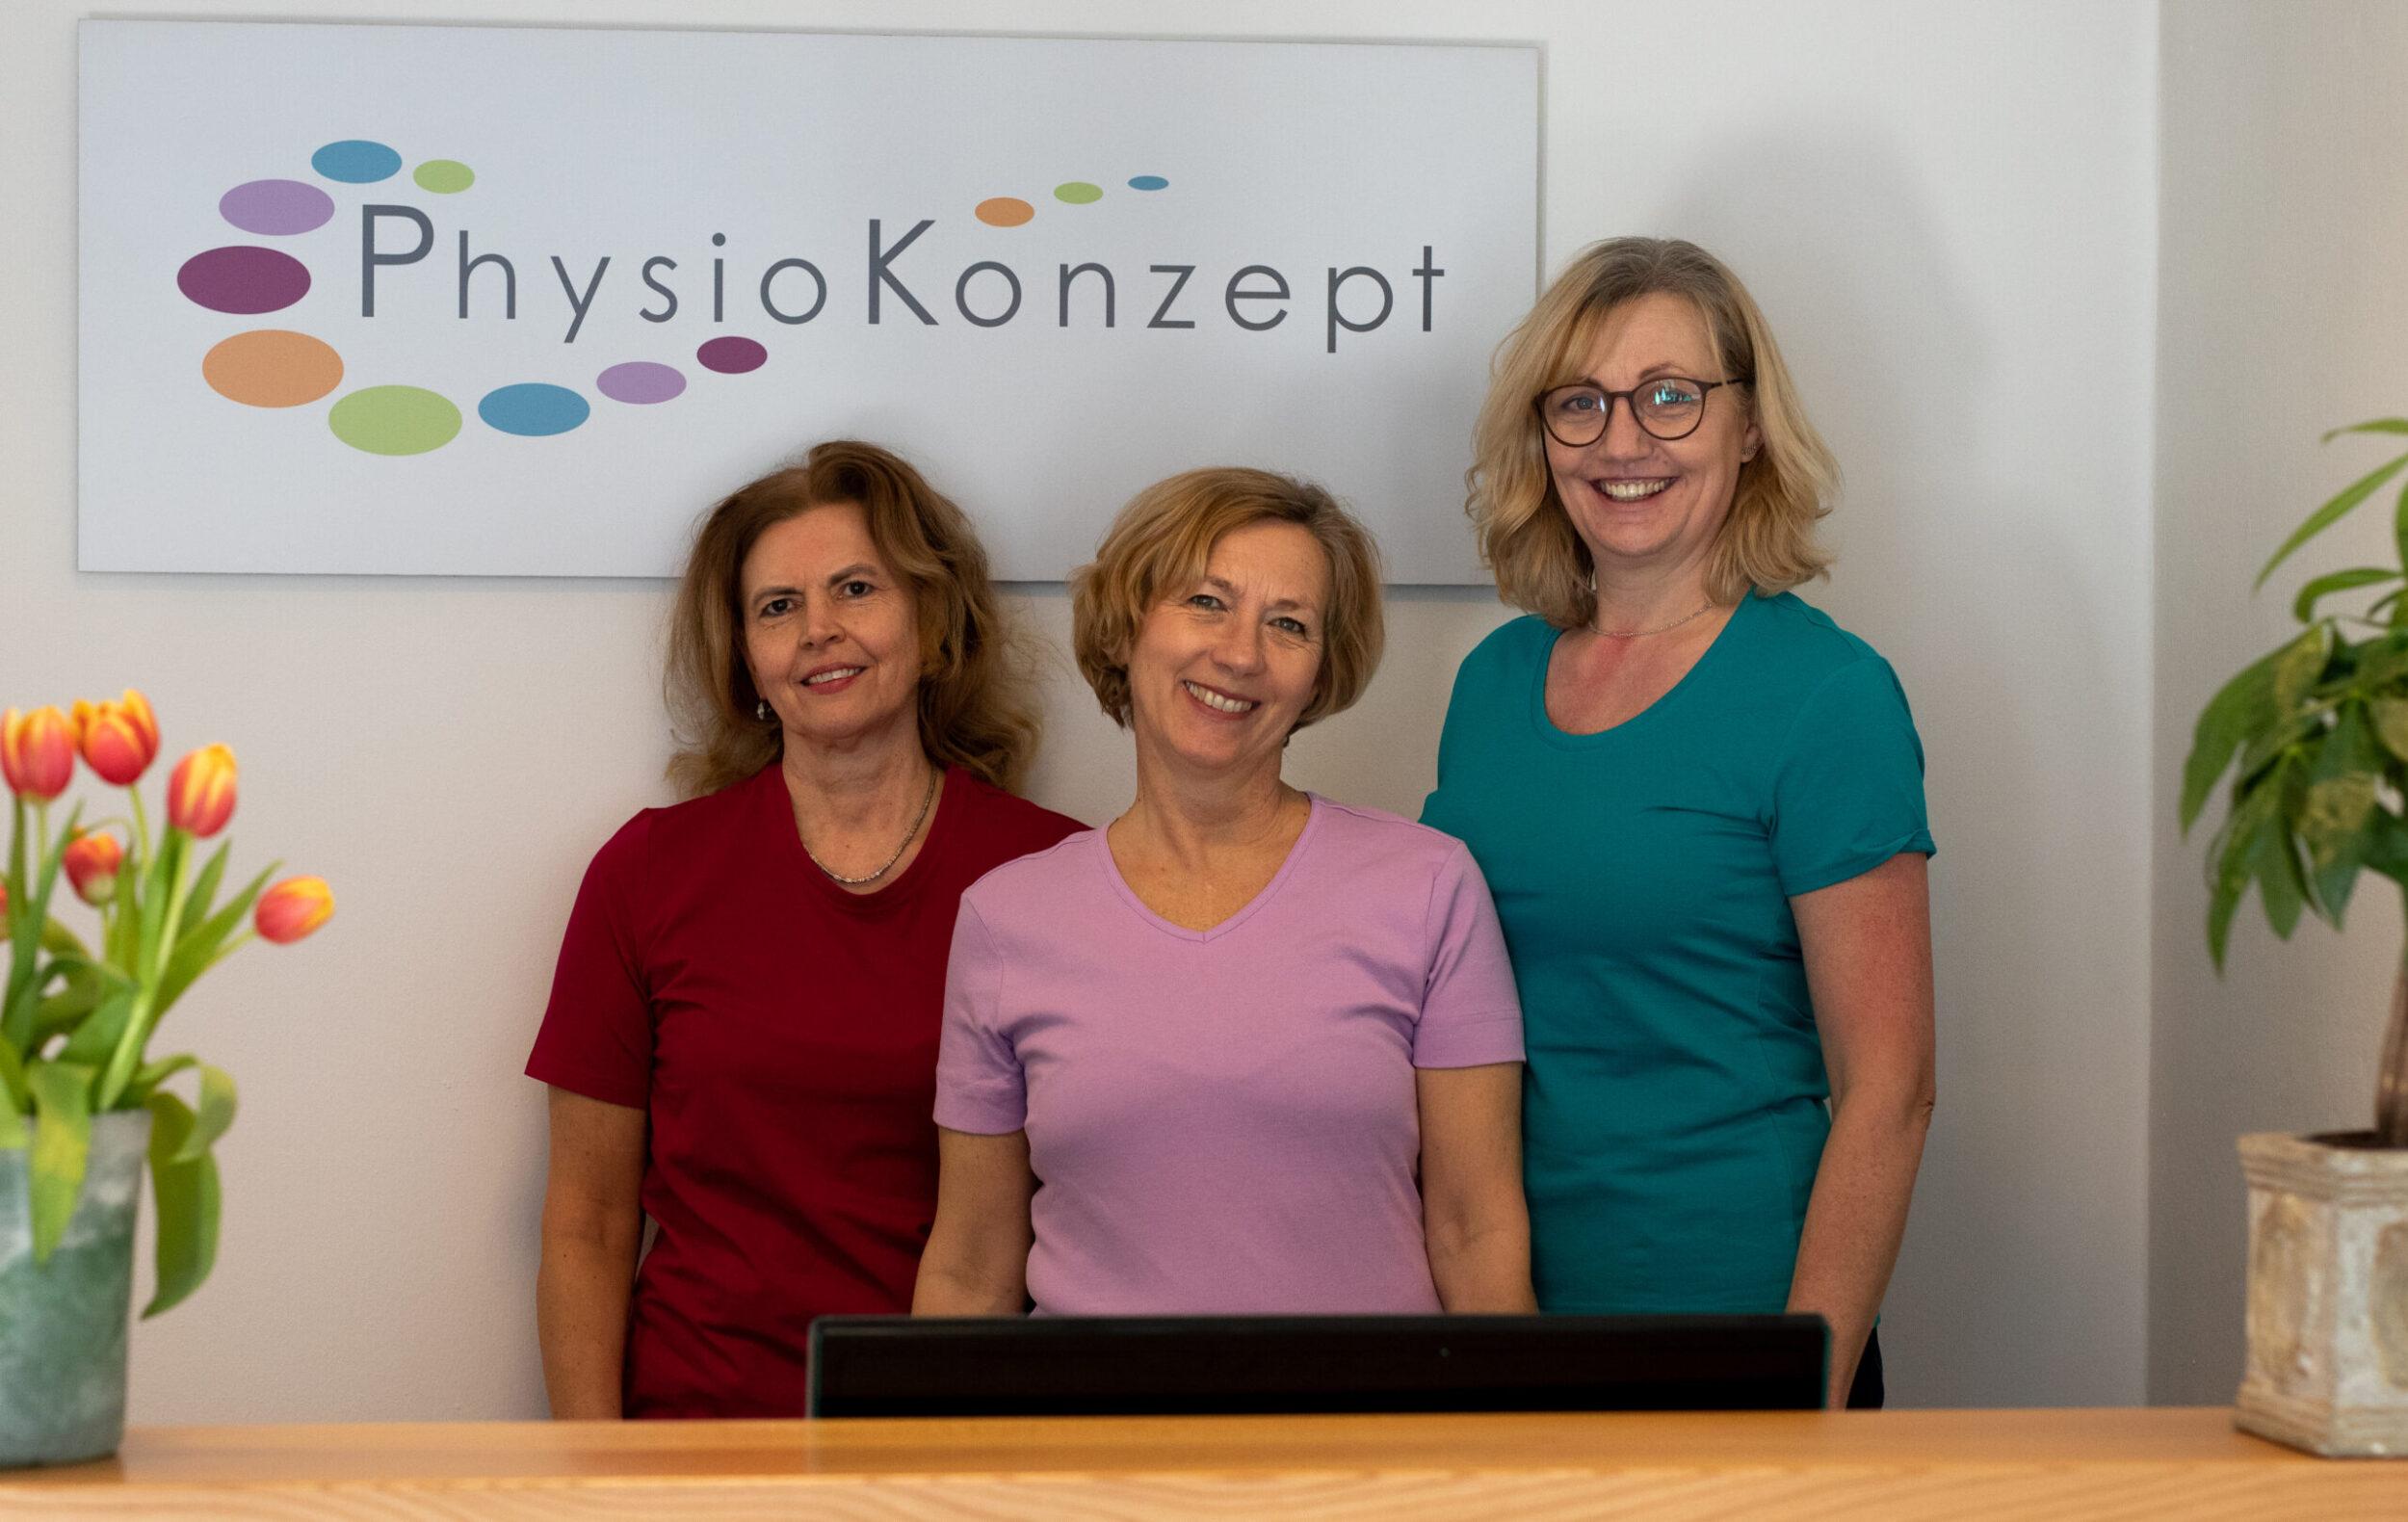 PhysioKonzept Freising